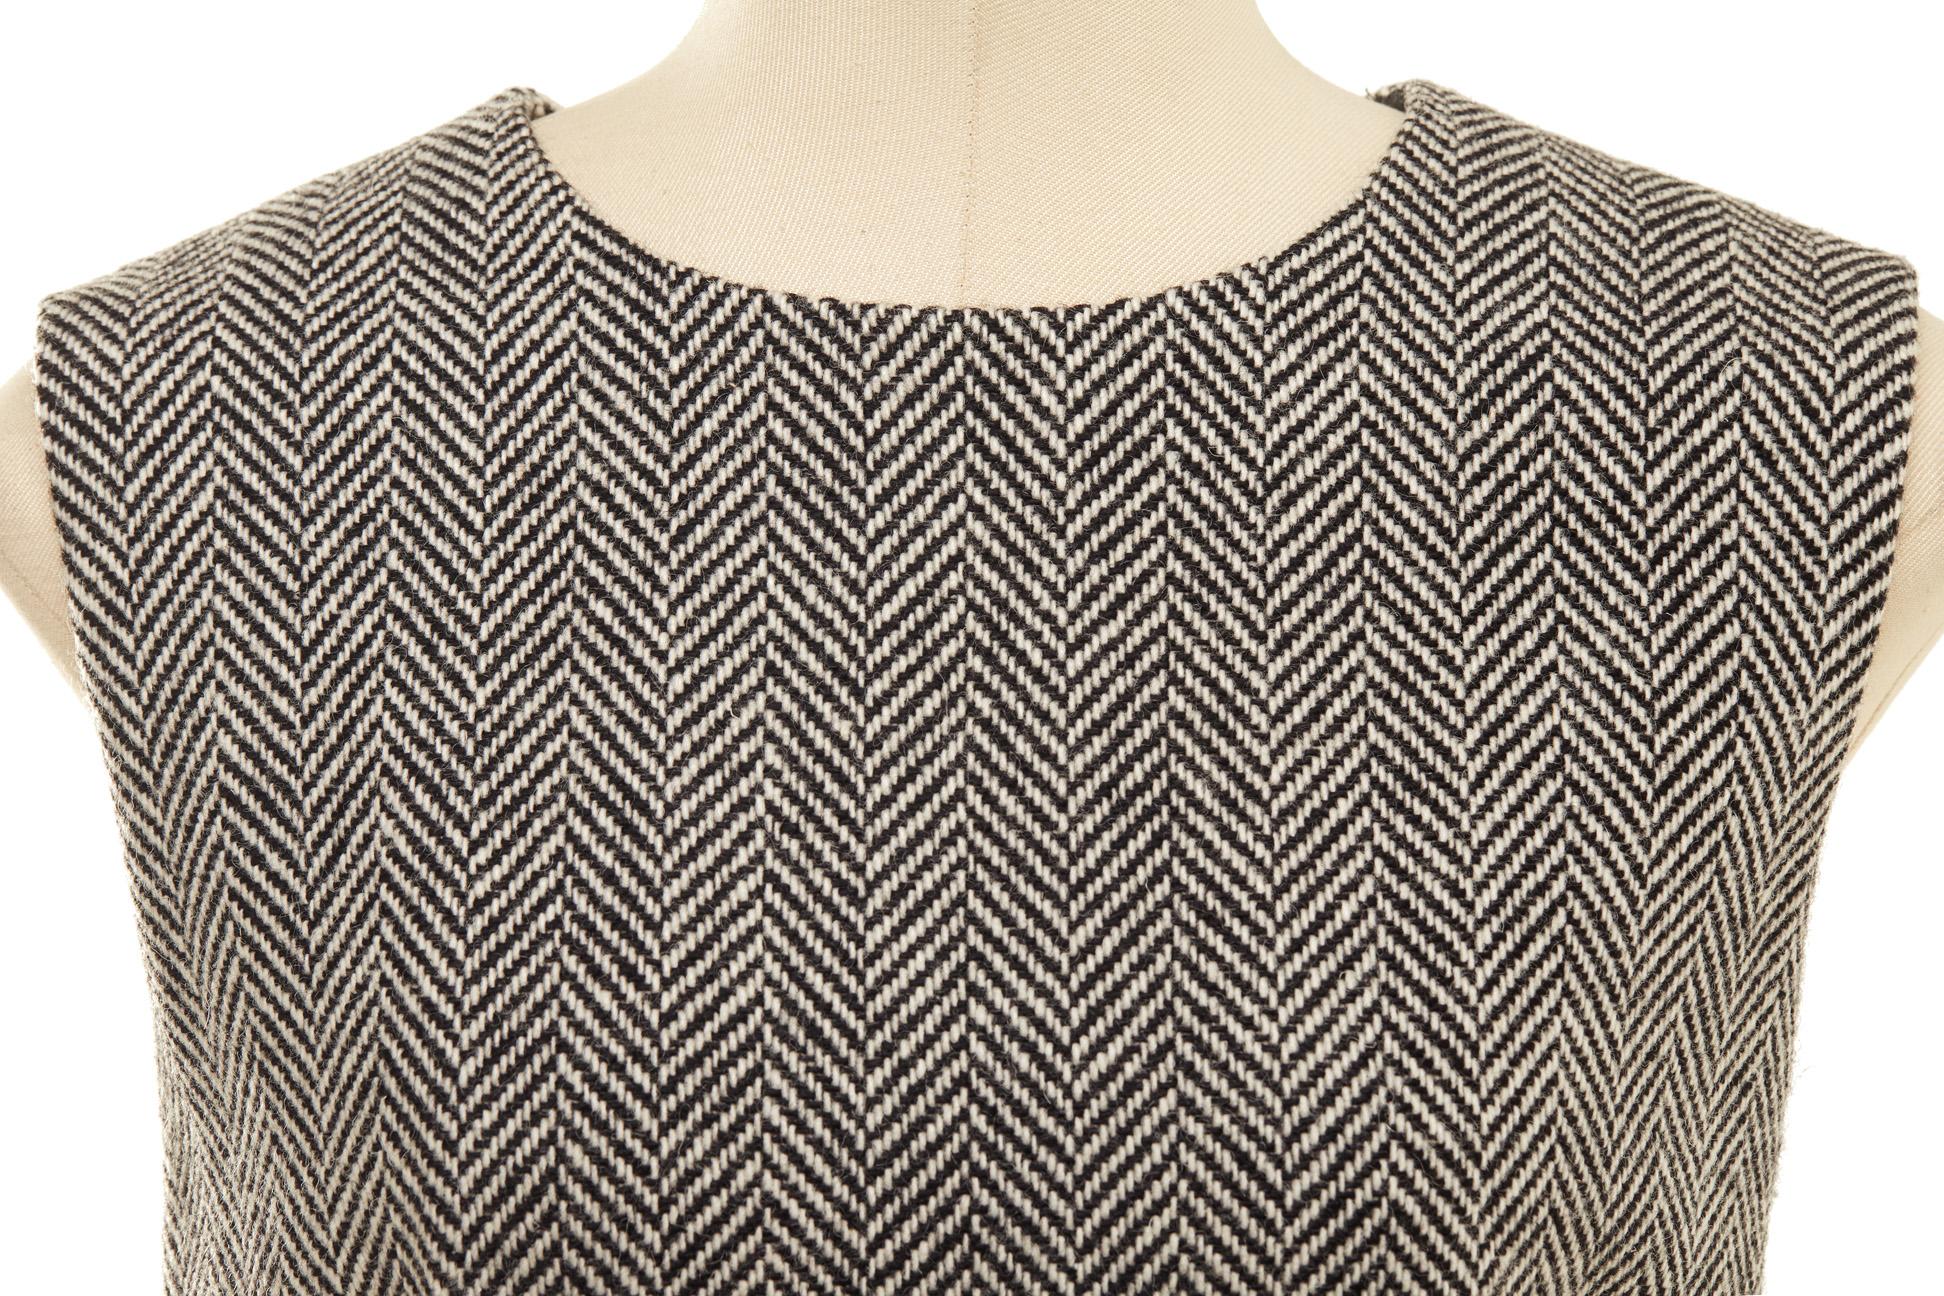 A DOLCE & GABBANA GREY HERRINGBONE TWEED DRESS - Image 2 of 3